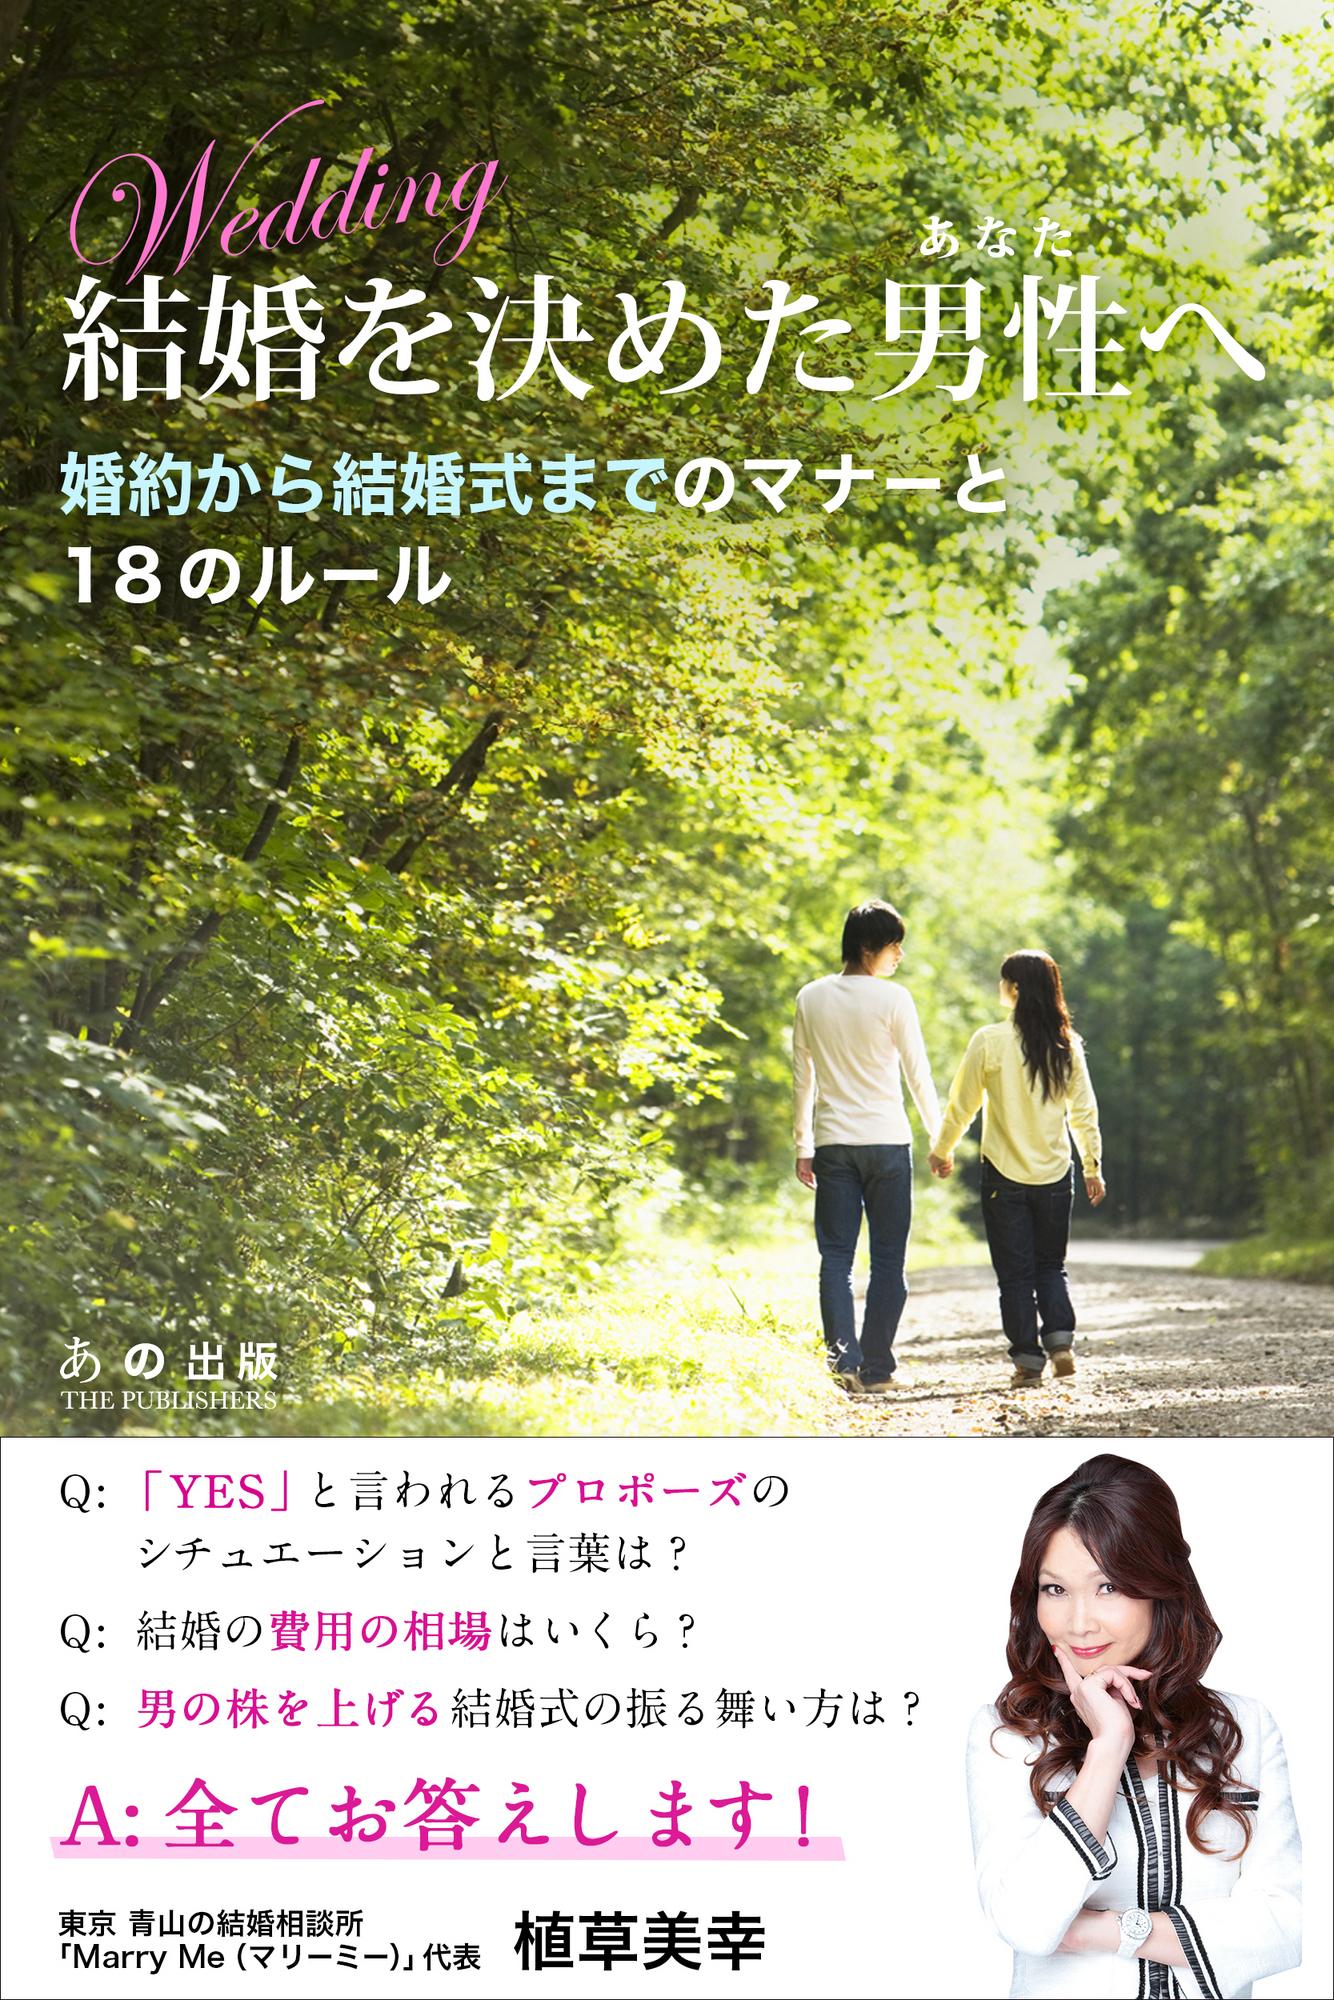 2014.4月電子書籍リリース!結婚式までのマナー&ルールとは!?